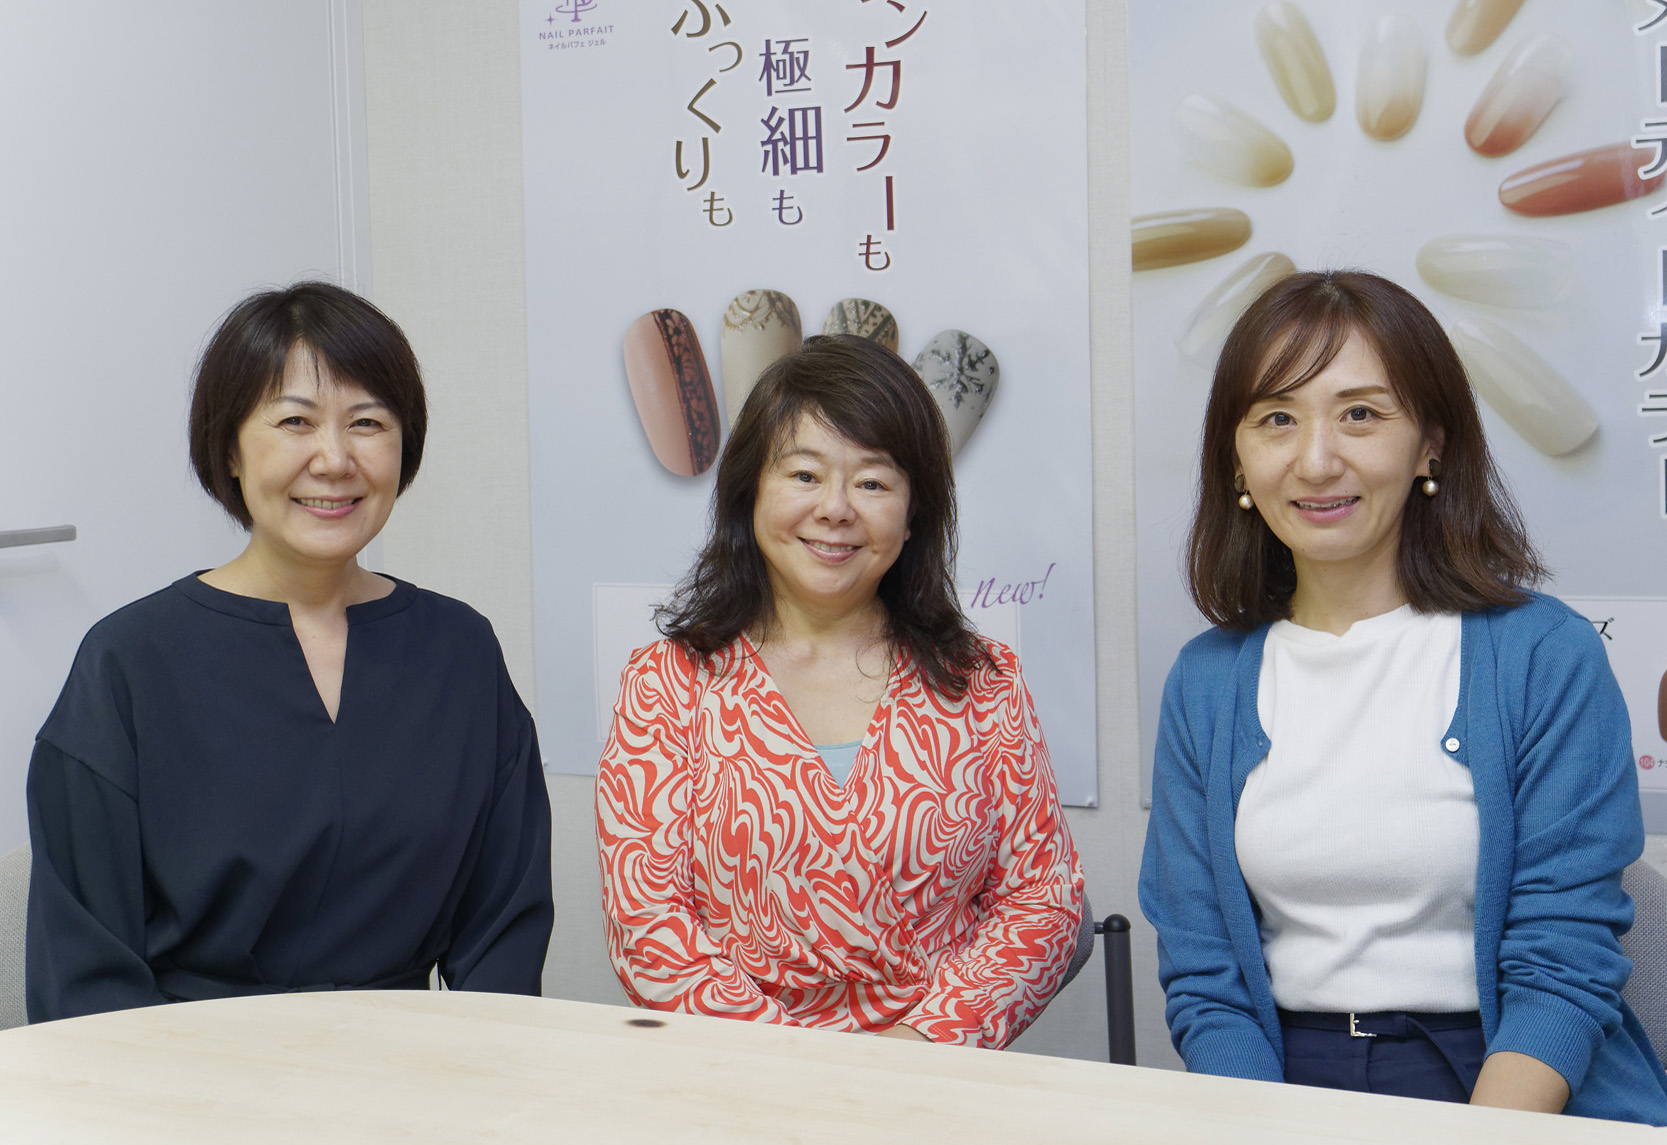 写真左が人事総務マネージャーの平川景子さん。ご自身も2児のママで、短時間勤務制度を利用したという